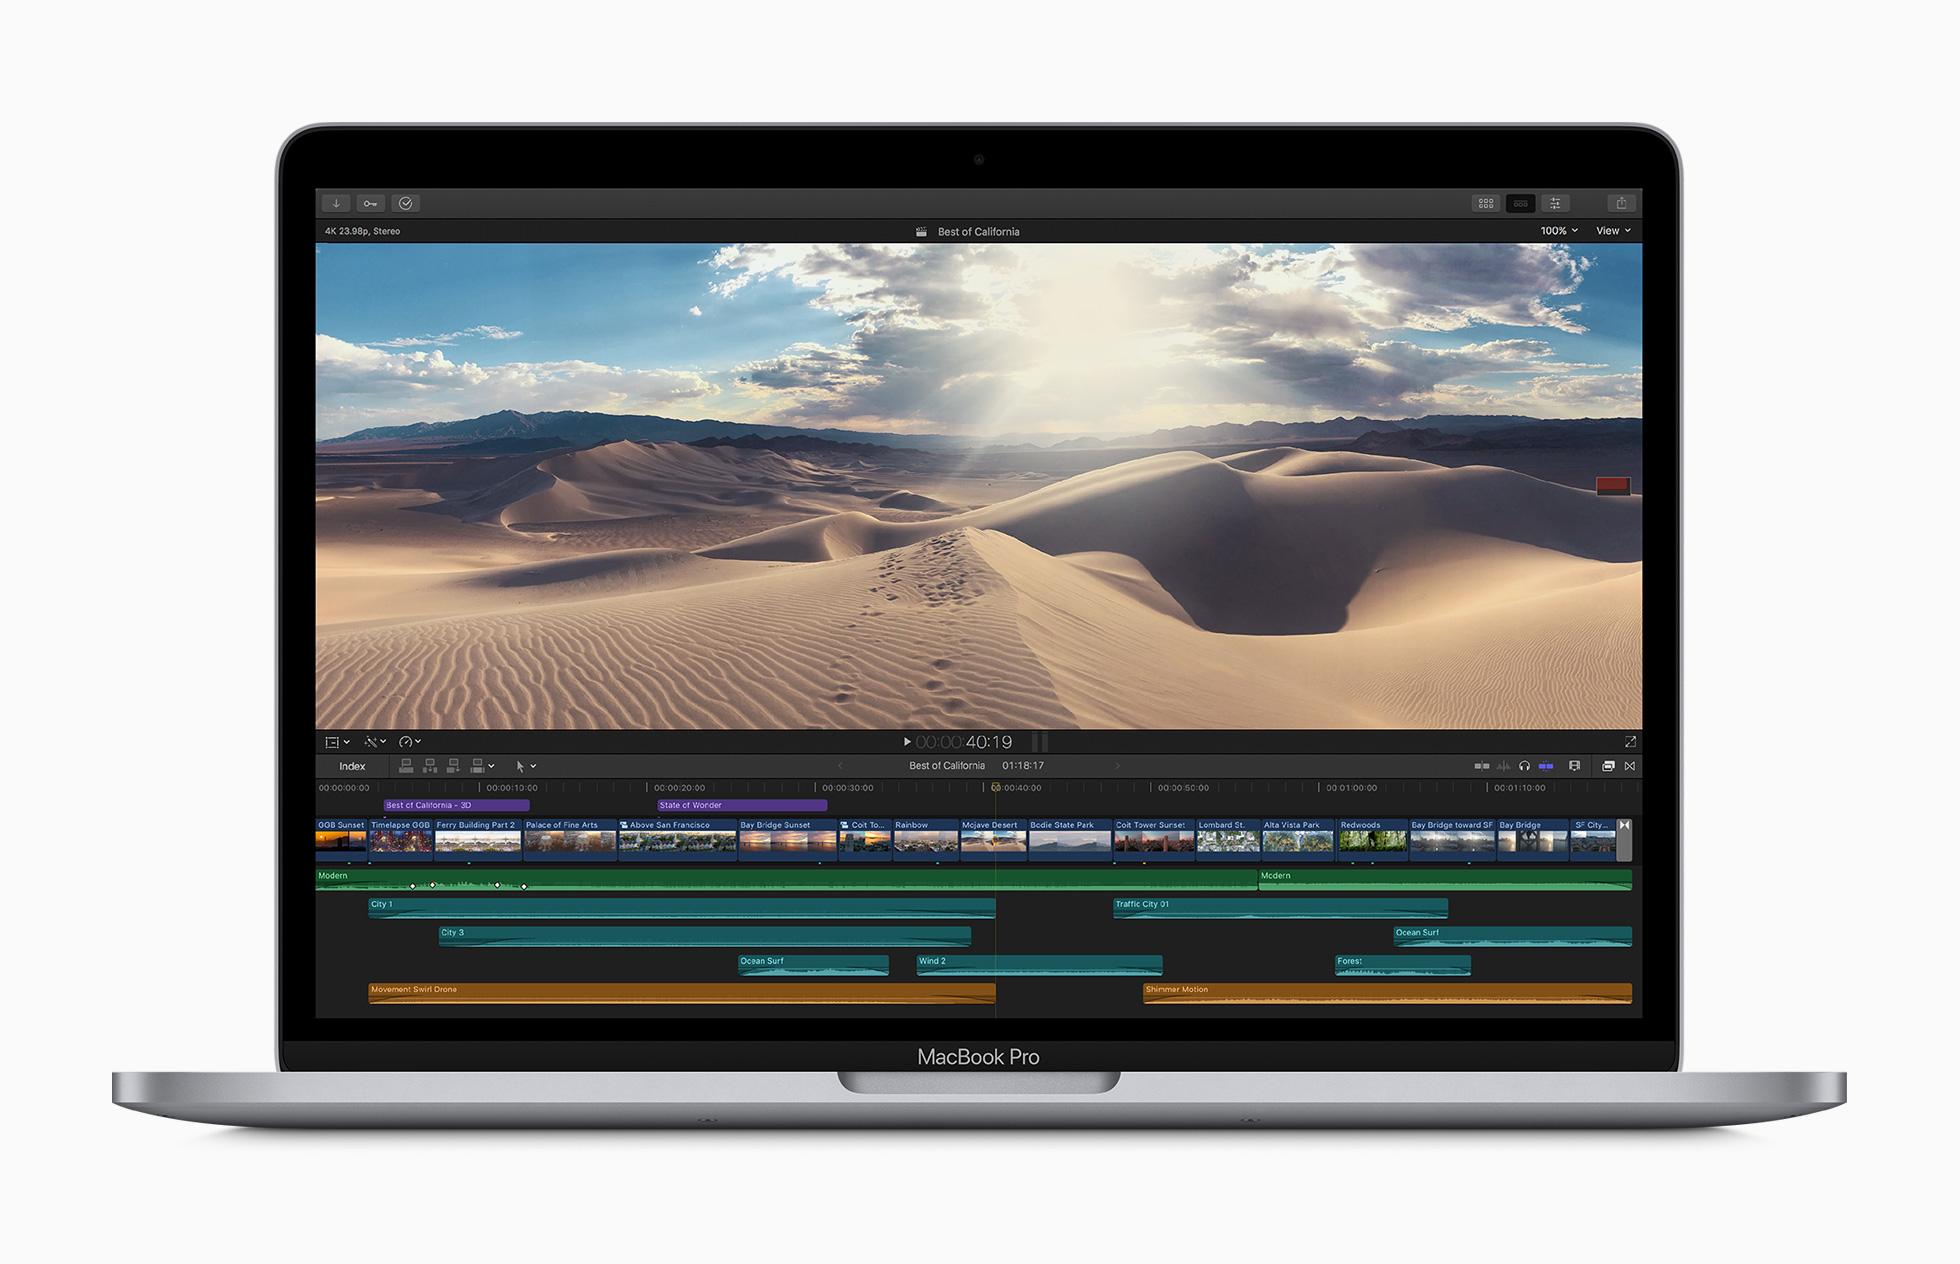 macbook pro 13 2020 specyfikacja 3o